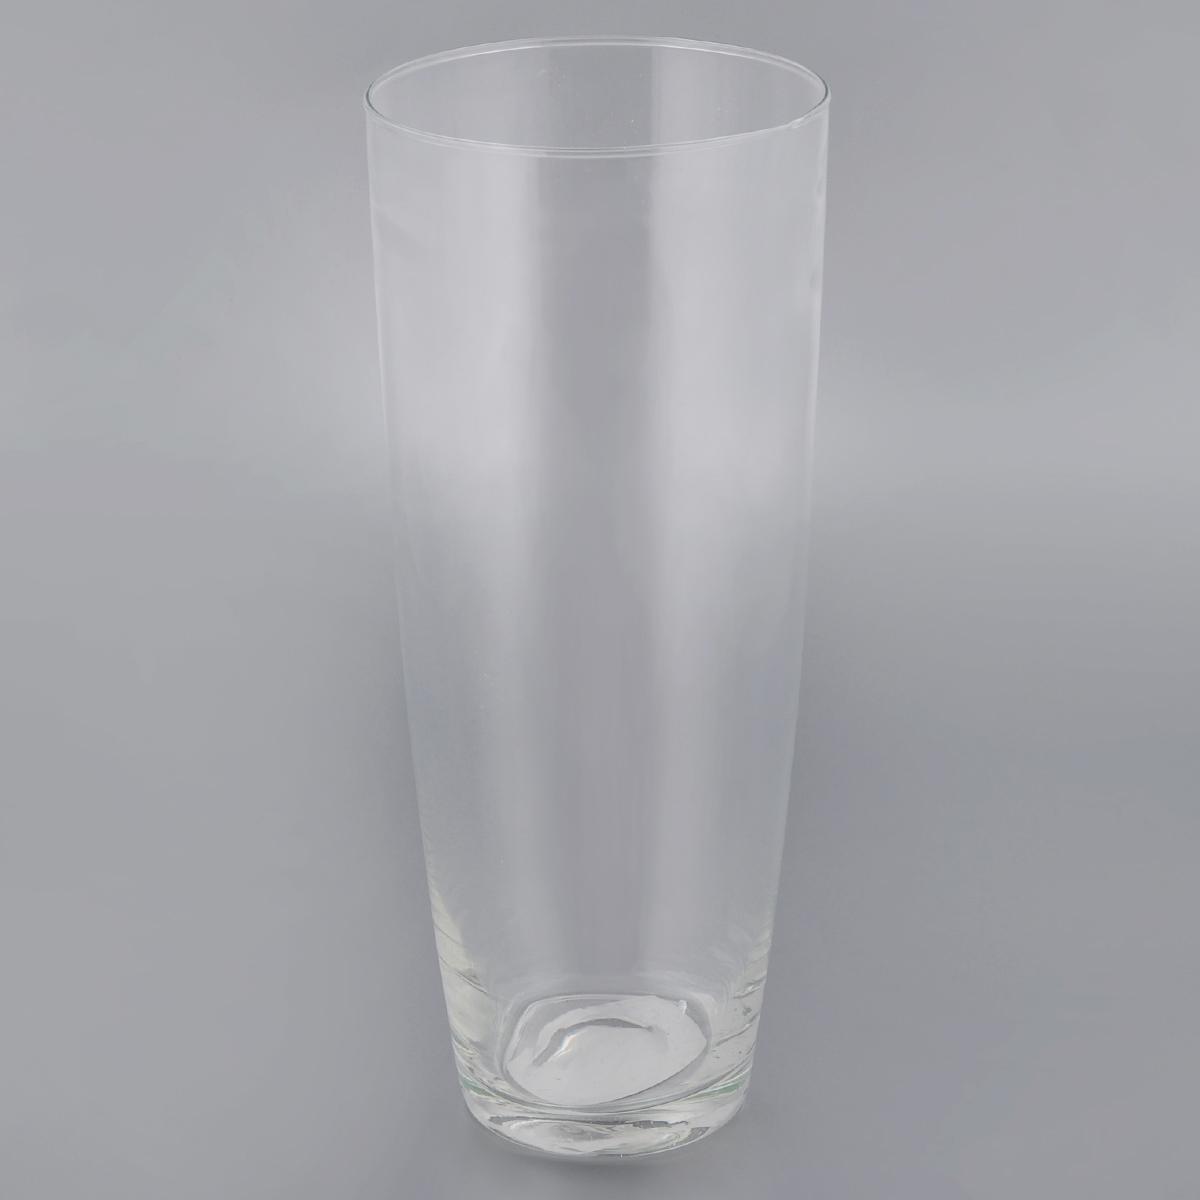 Ваза декоративная Феникс-Презент Нина, высота 29 см40784Элегантная ваза Феникс-Презент Нина выполнена из высококачественного прозрачного стекла. Изделие придется по вкусу и ценителям классики, и тем, кто предпочитает утонченность и изящность. Вы можете поставить вазу в любом месте, где она будет удачно смотреться и радовать глаз. Такая ваза подойдет для декора интерьера. Кроме того - это отличный вариант подарка для ваших близких и друзей. Высота вазы: 29 см. Диаметр (по верхнему краю): 12 см. Диаметр дна: 7,5 см. Объем вазы: 2,22 л.